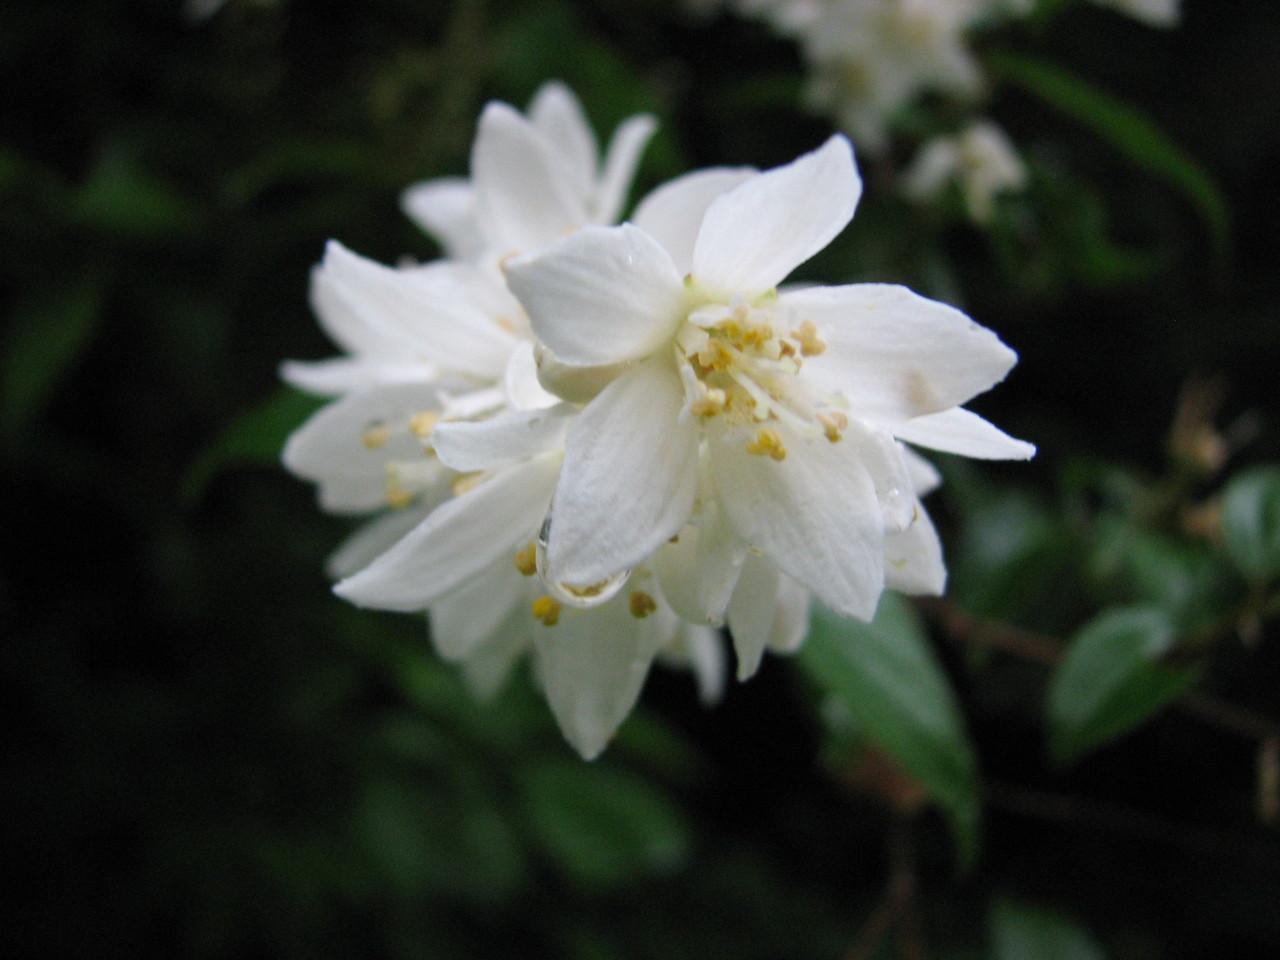 ウツギ(ユキノシタ科) Deutzia crenata